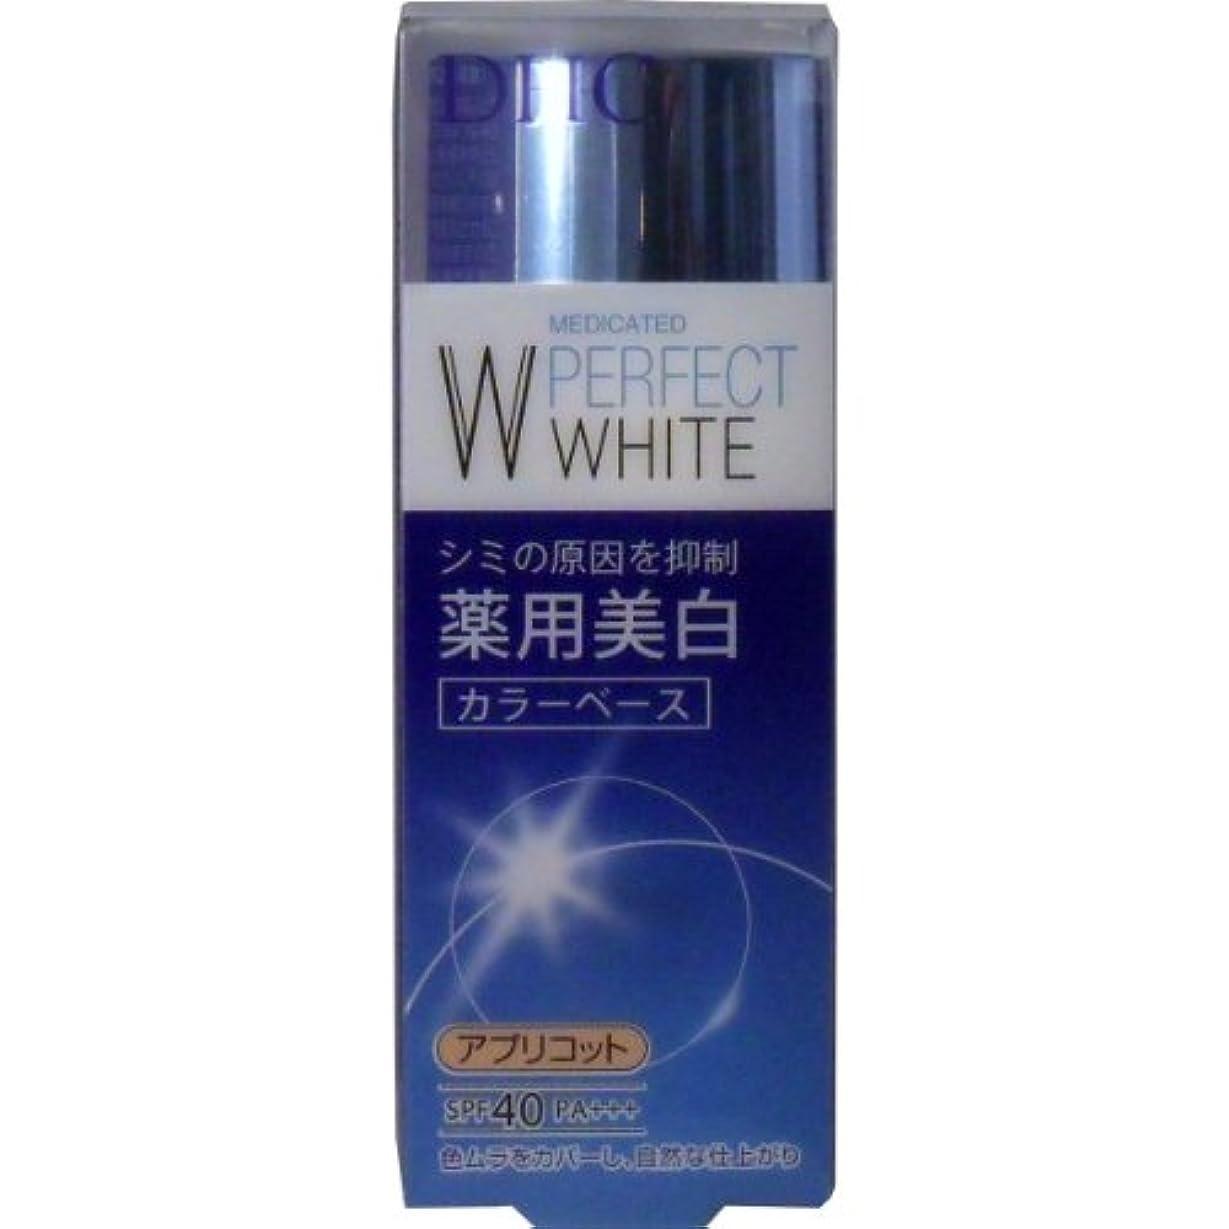 全滅させるマージンアンタゴニストDHC 薬用美白パーフェクトホワイト カラーベース アプリコット 30g (商品内訳:単品1個)